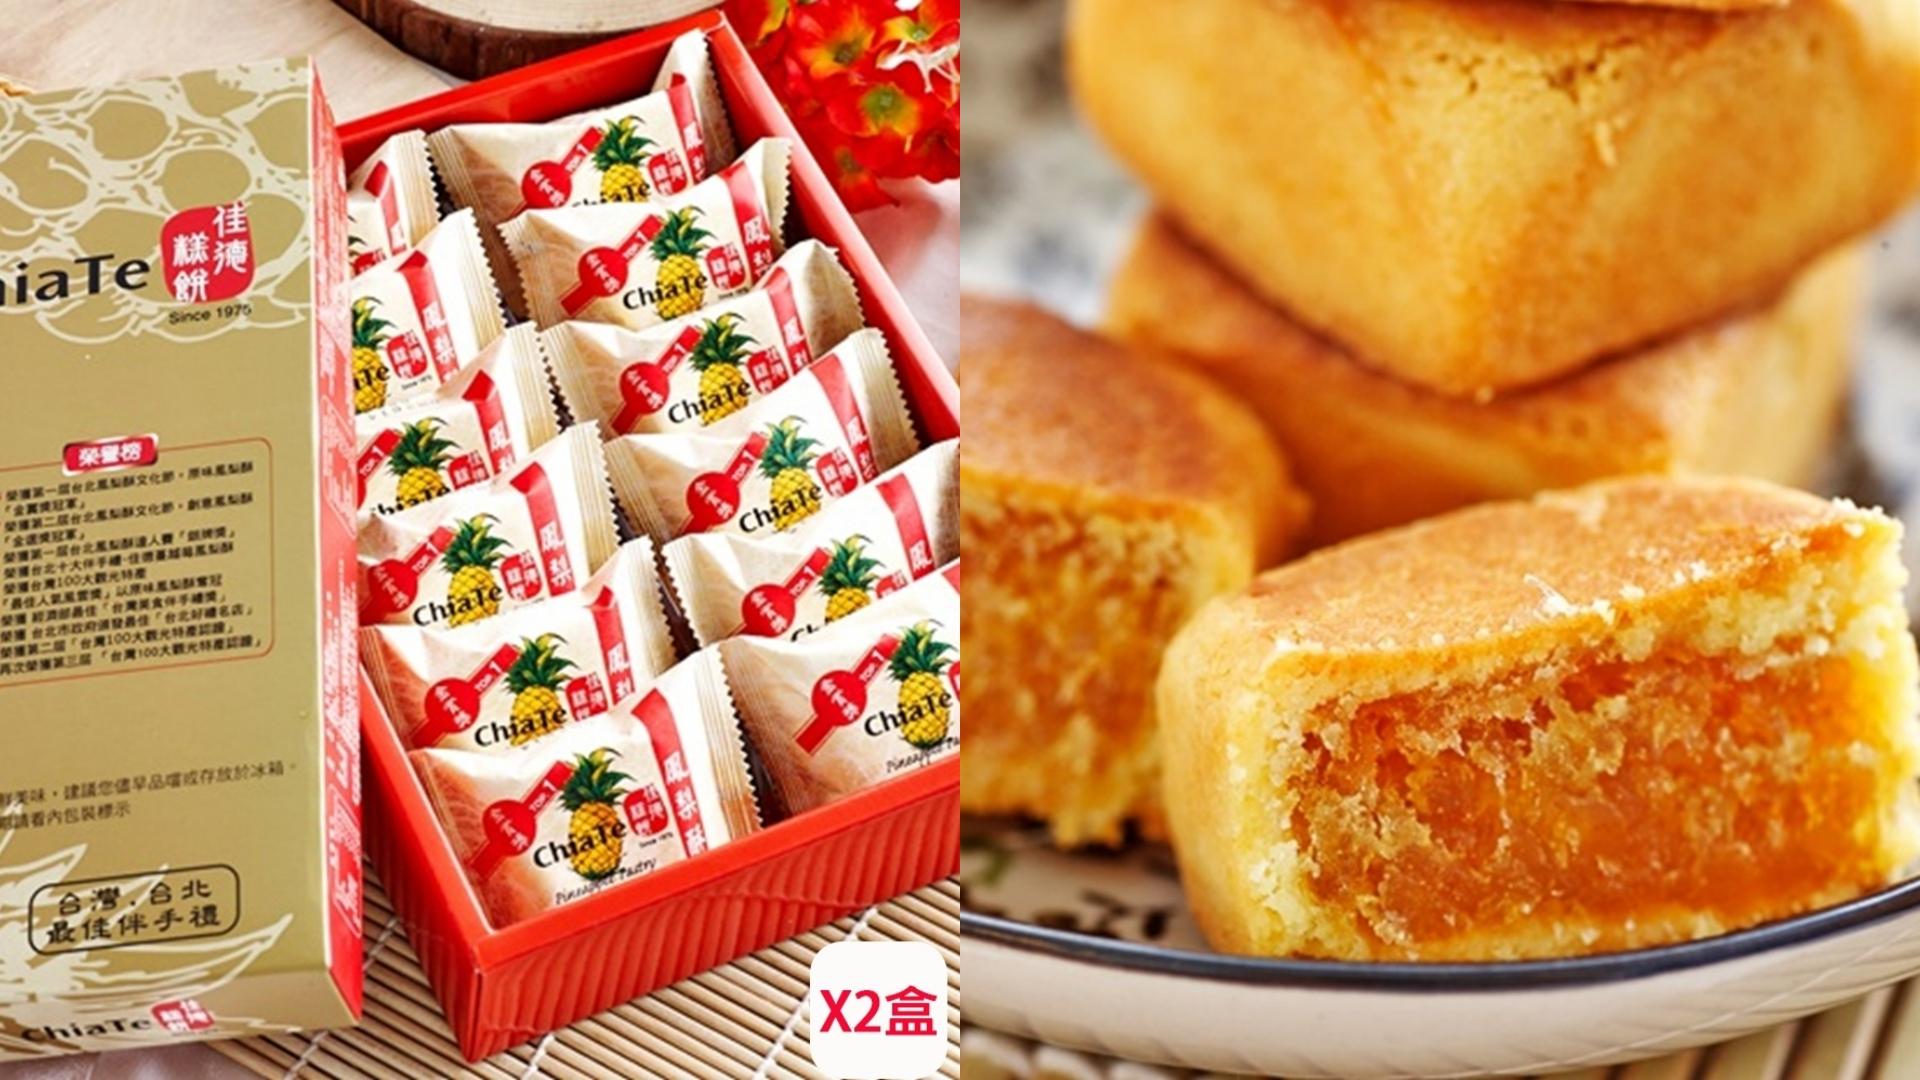 而招牌鳳梨酥,皮薄餡多、鬆香、不黏牙,能夠吃到滿滿的奶油香氣,內餡則是夾藏著口感細緻的鳳梨美味,輕輕一口就可以感受到精緻茗點,送禮自用都適合!